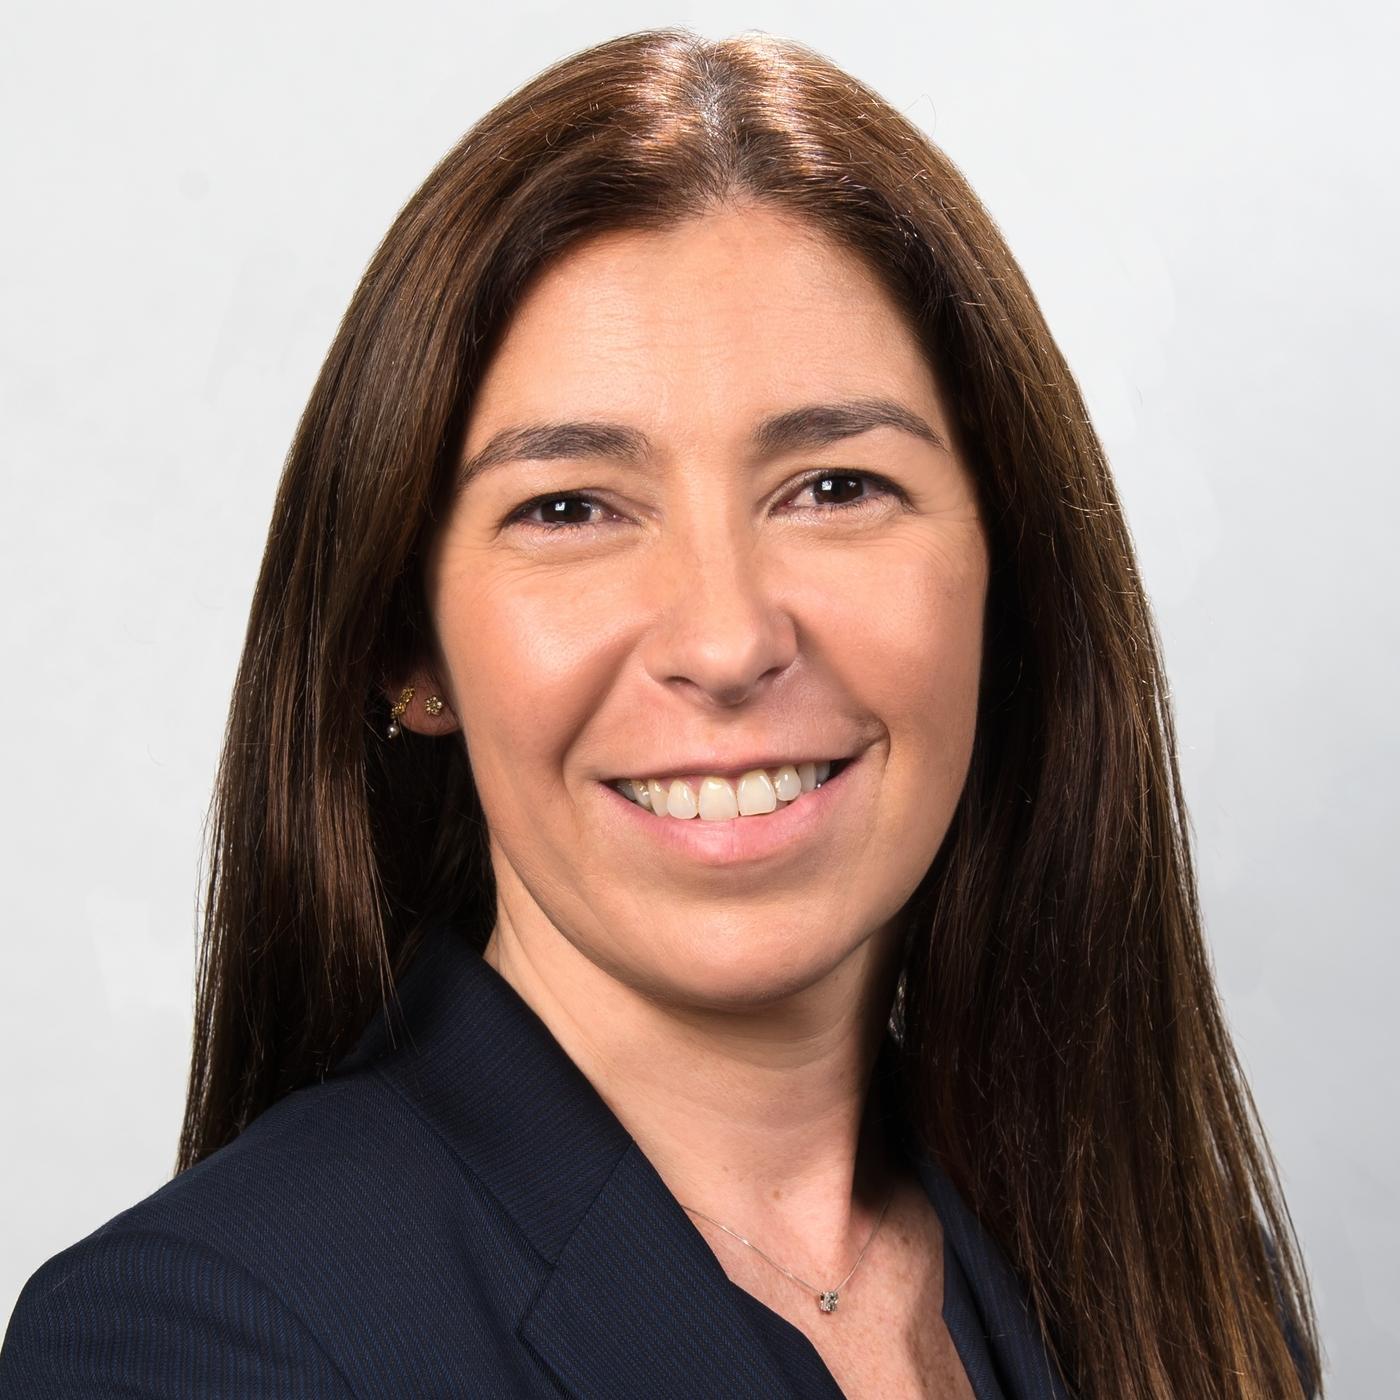 Ana Rita Painho